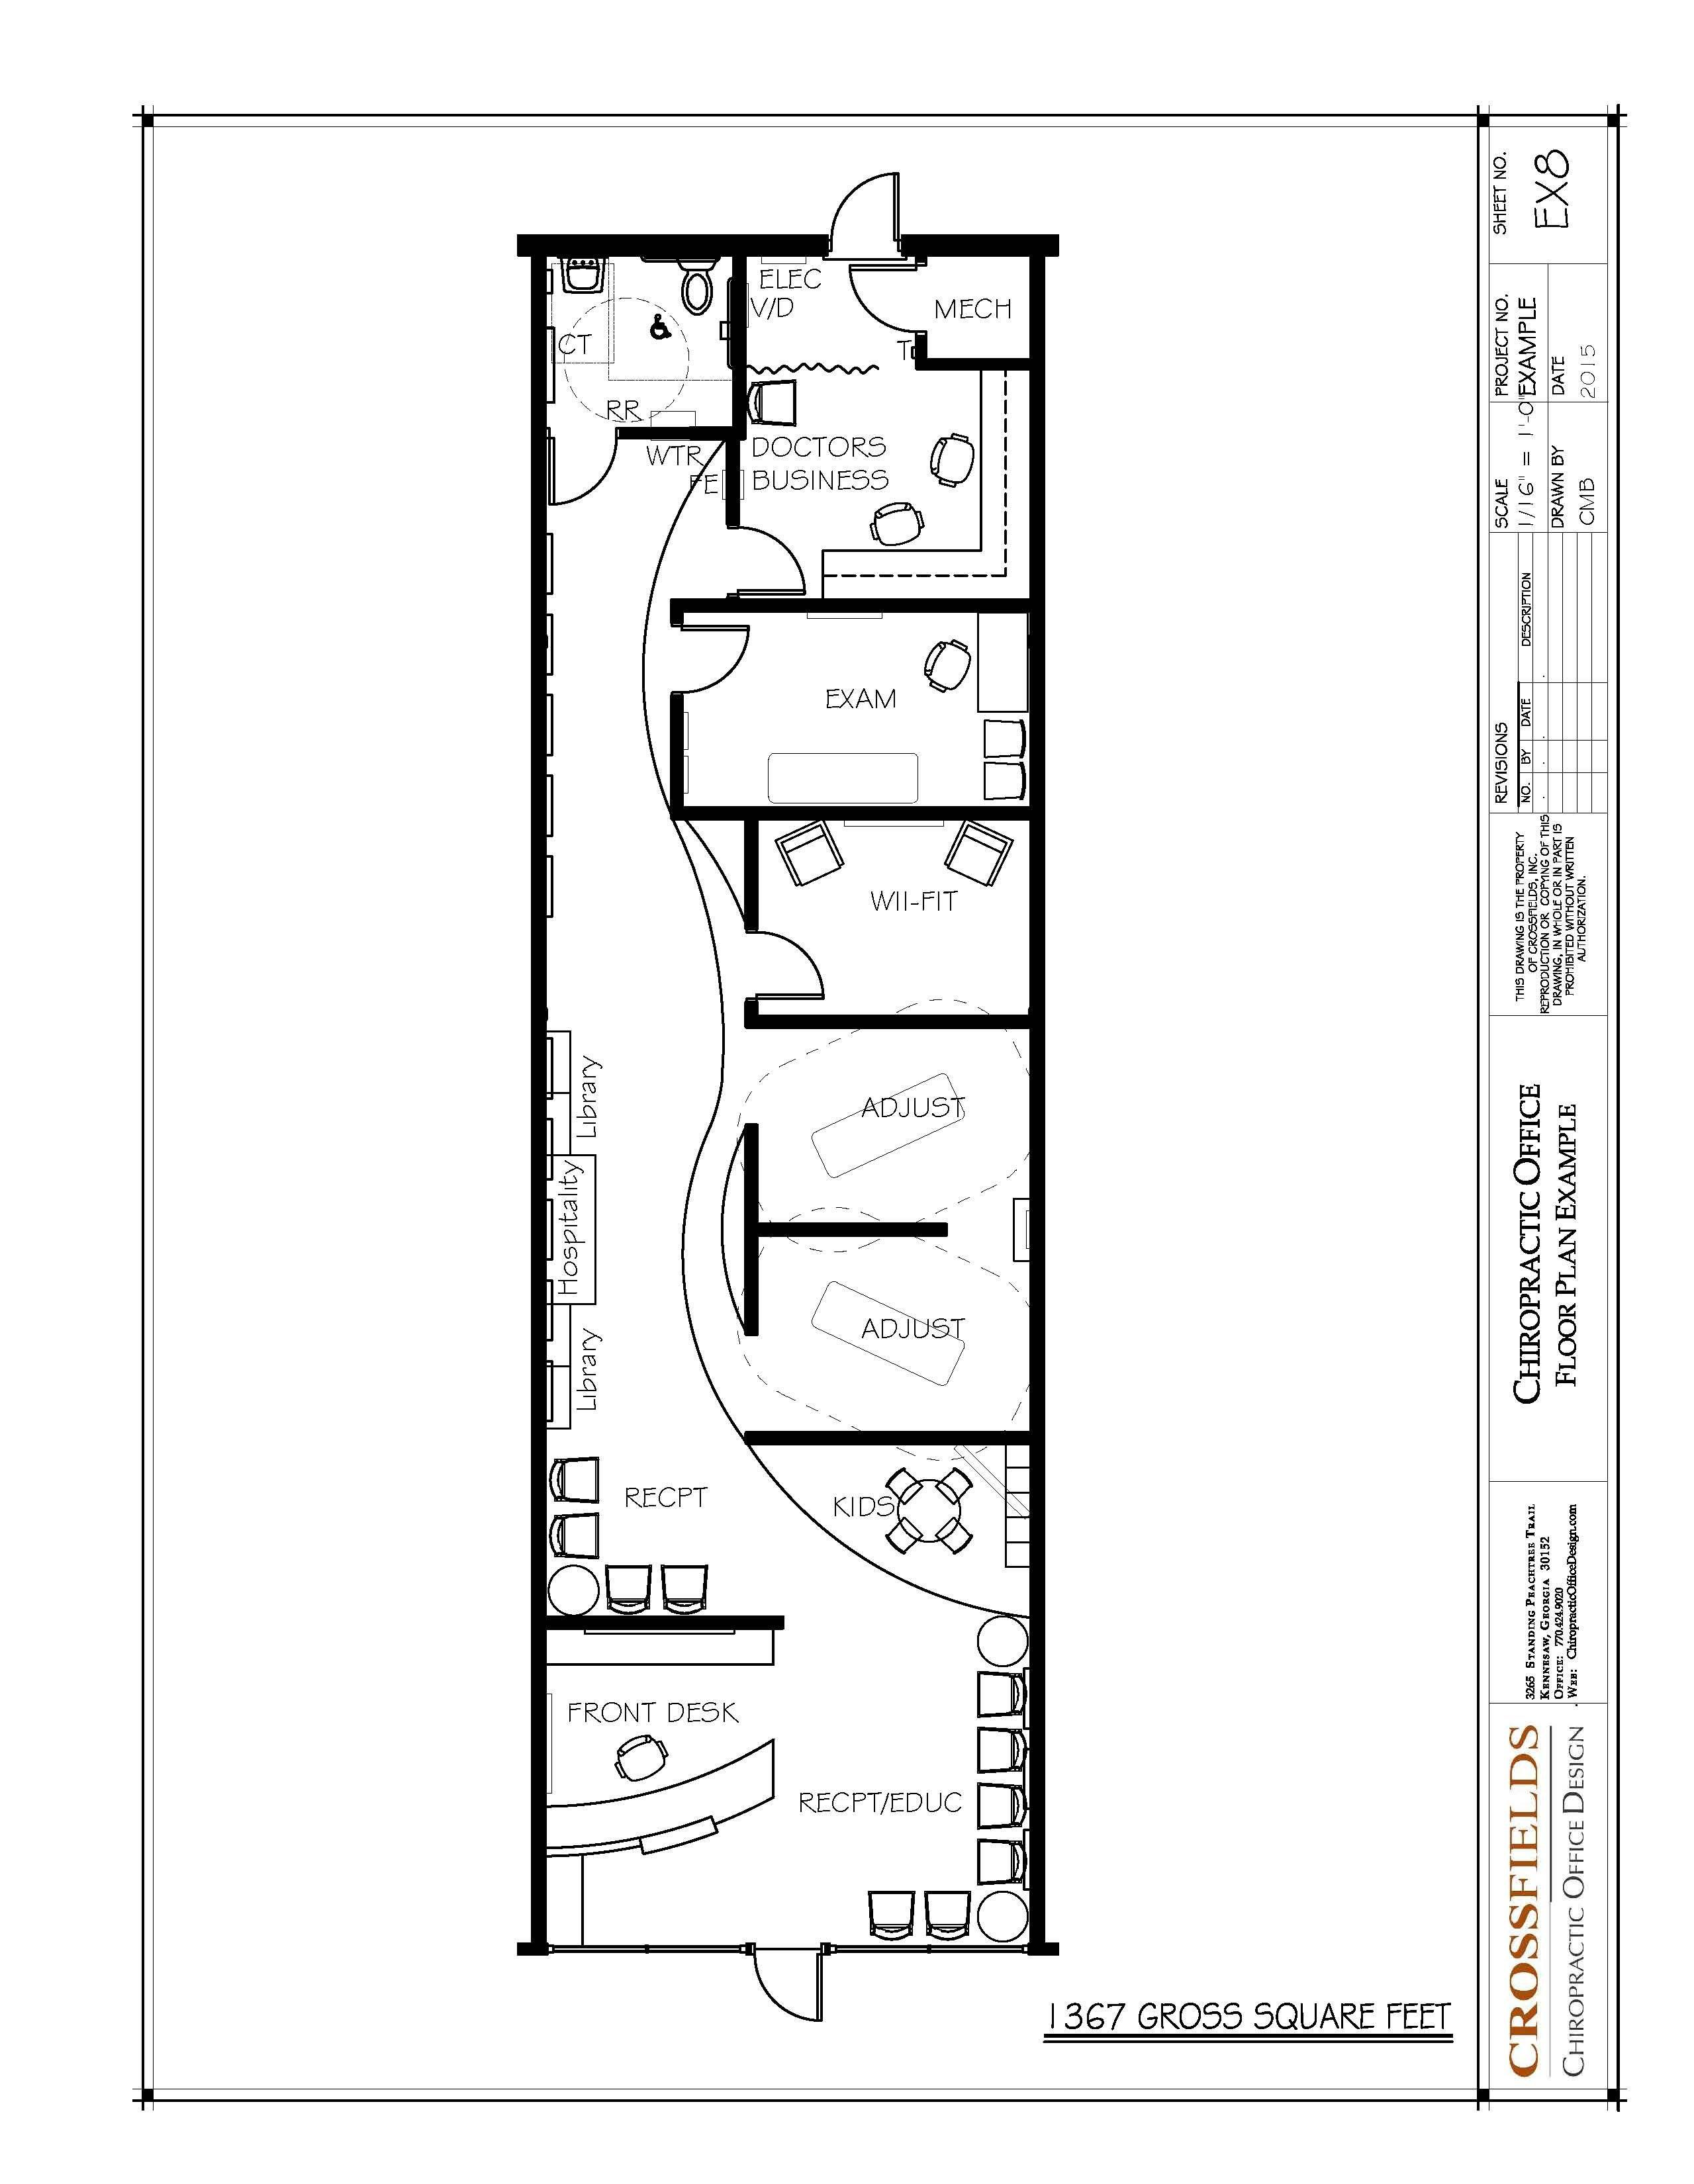 Chiropractic Floor Plan Semi Open Adjusting Retail Start